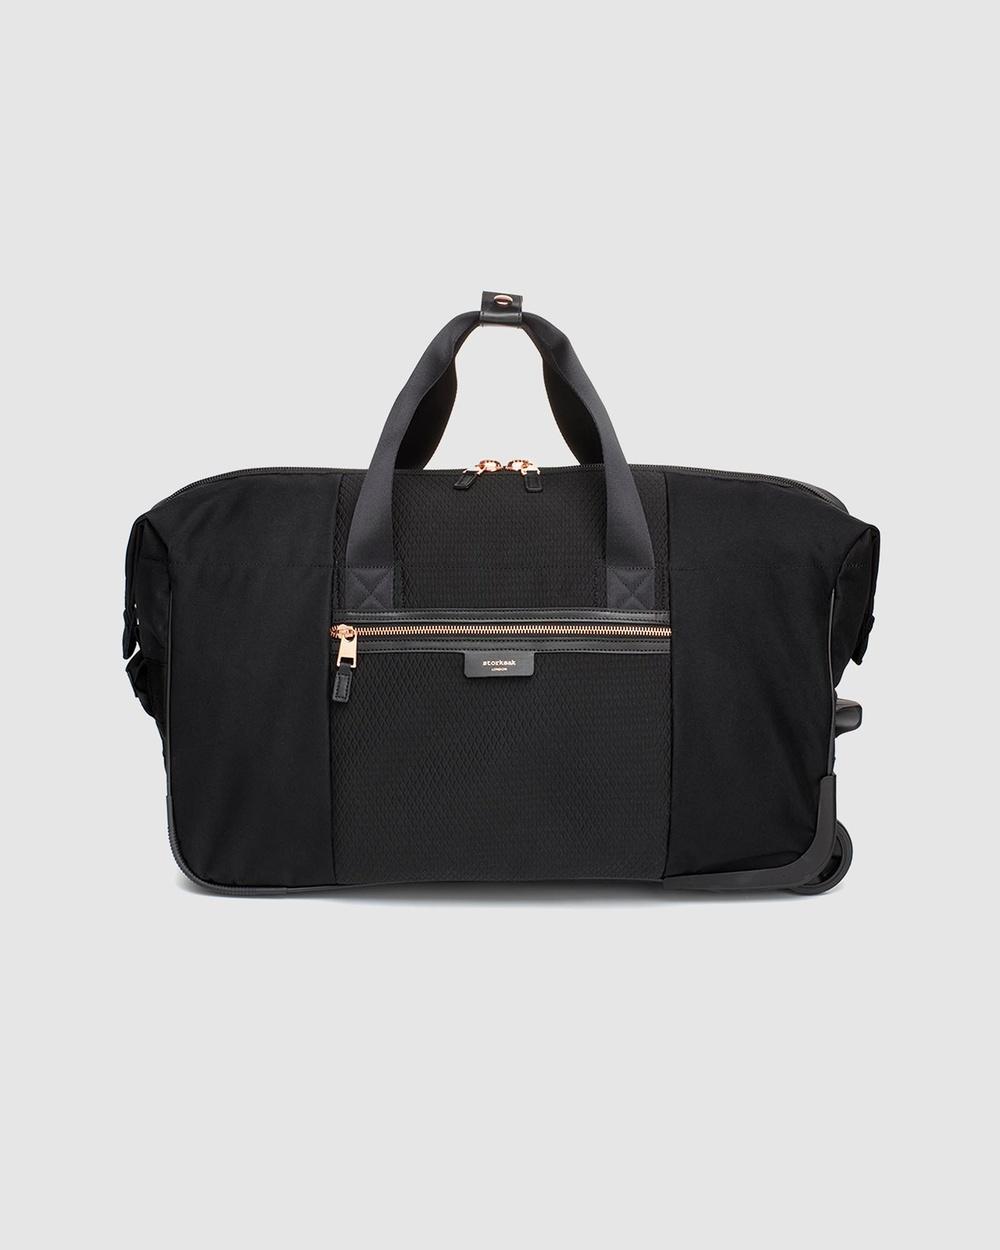 Storksak Cabin Carry On Scuba Bags Black Scuba Carry-On